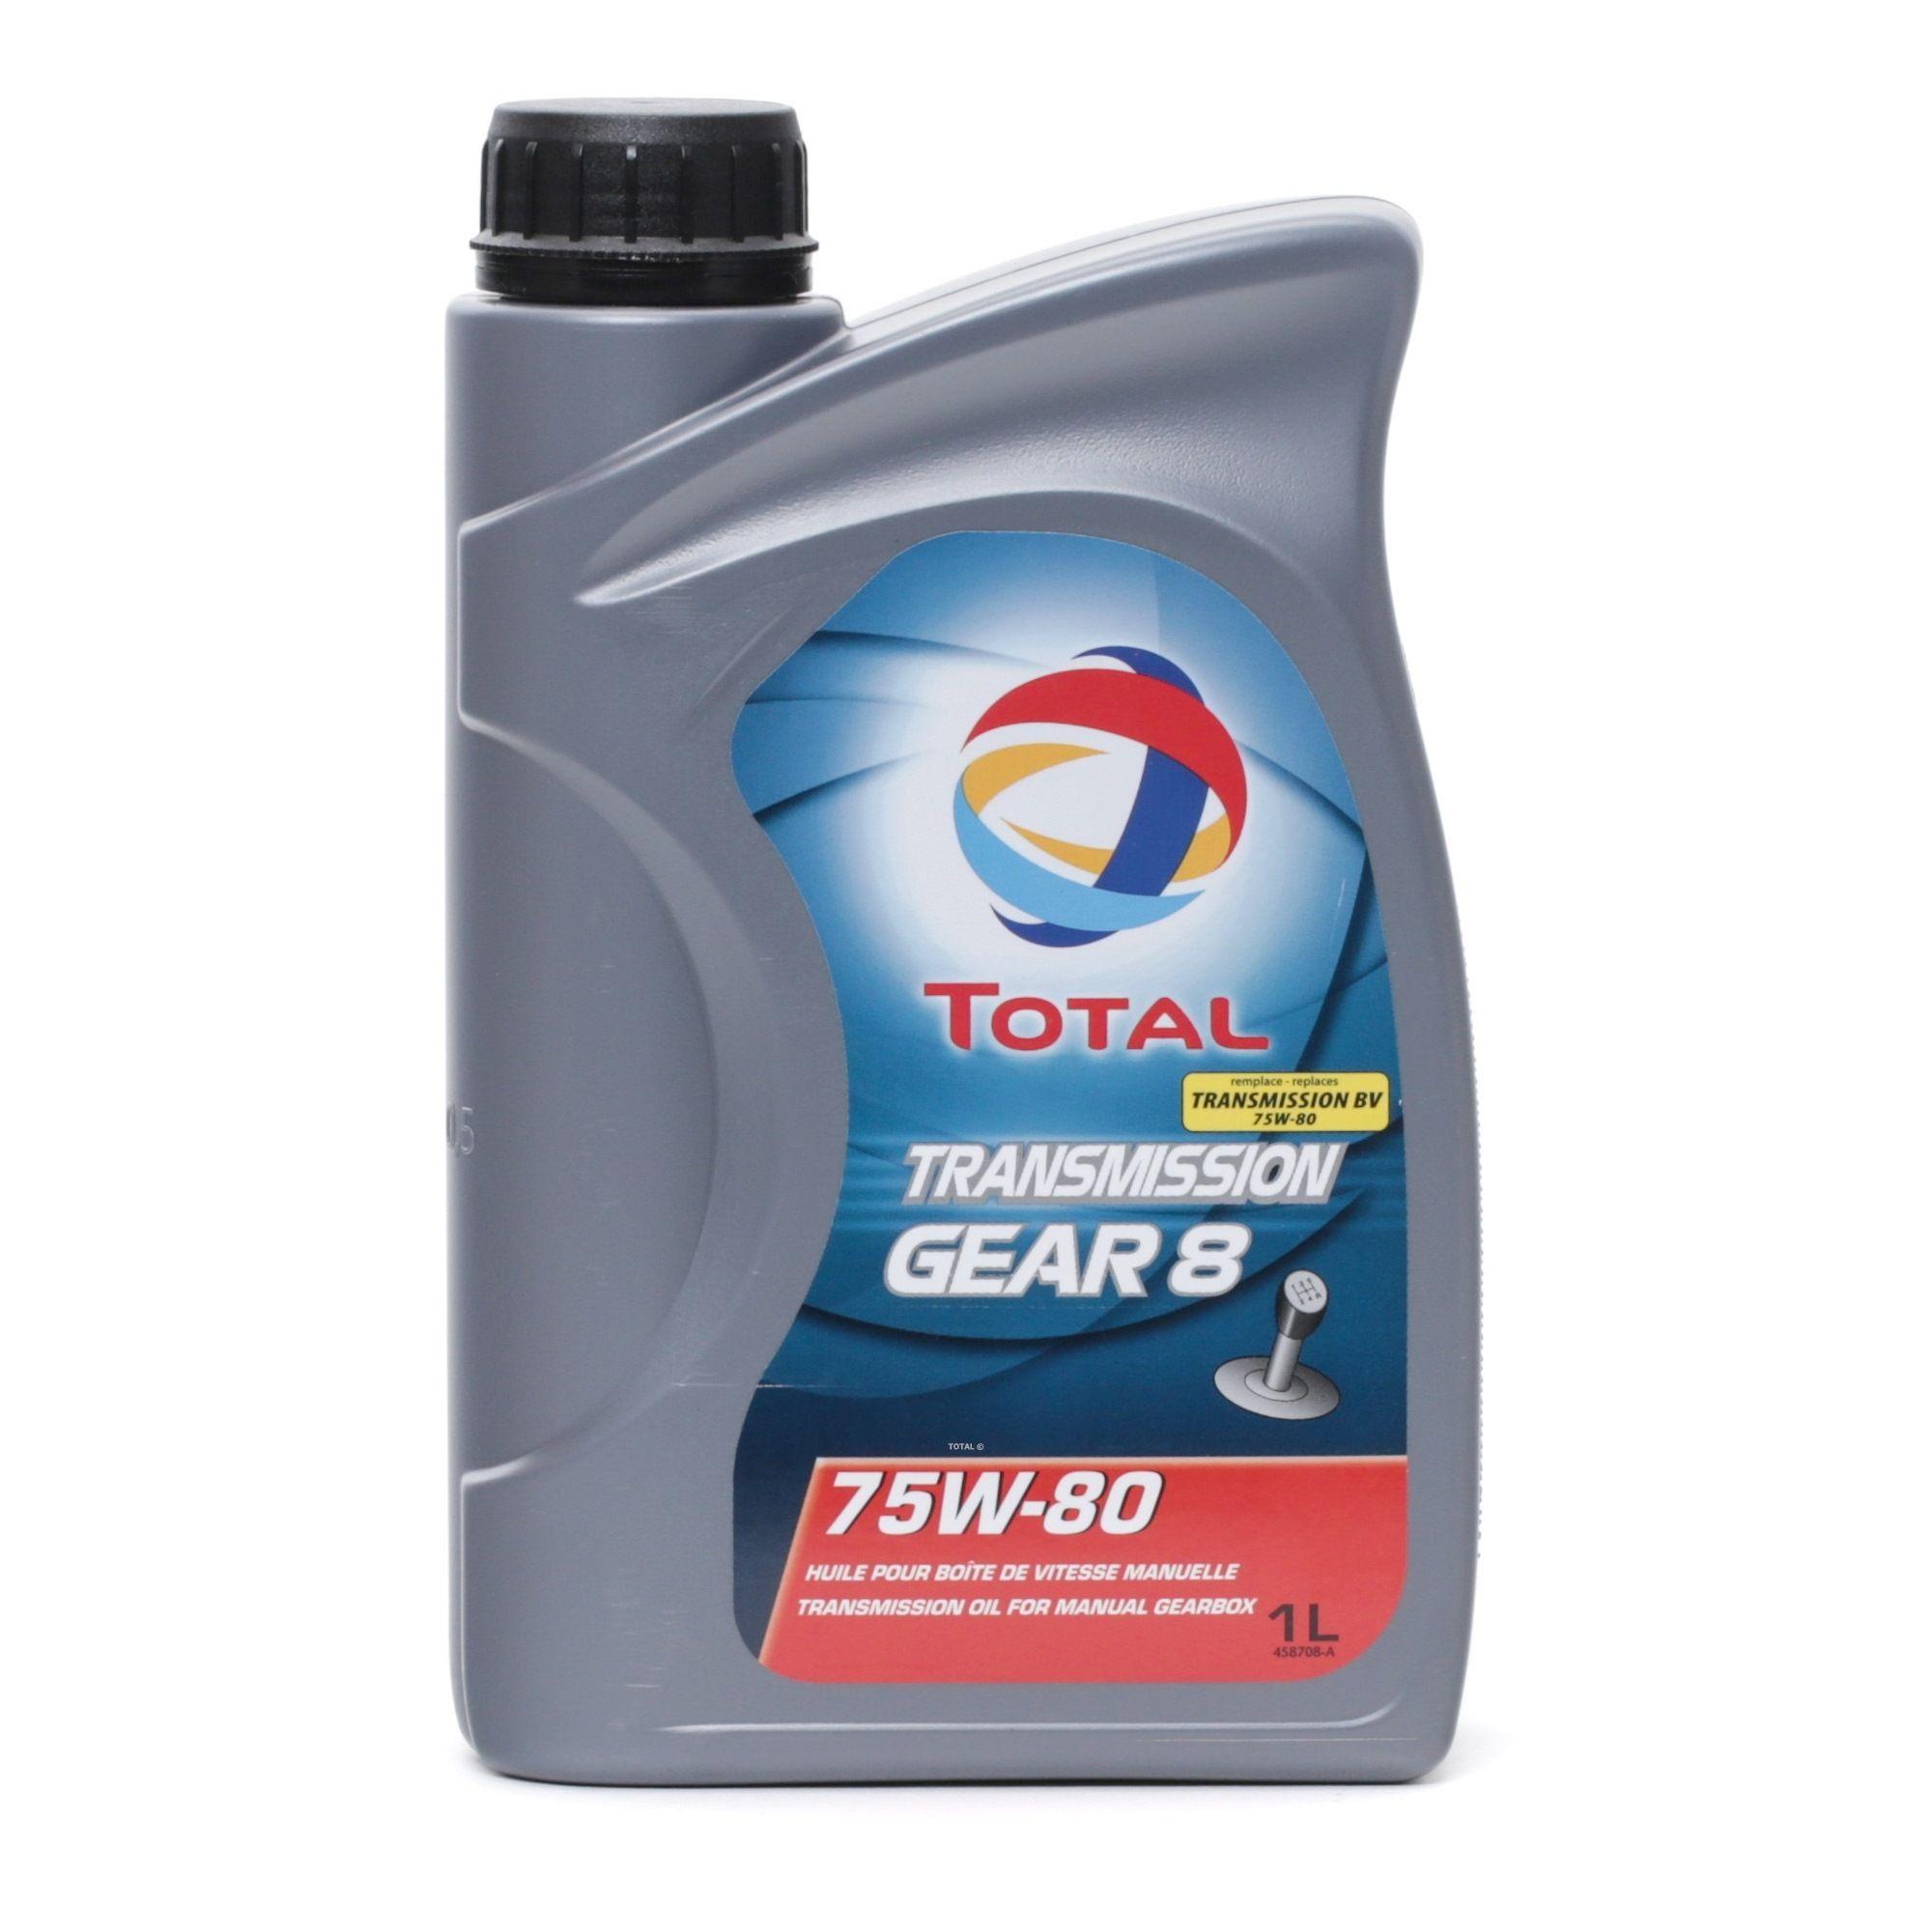 Greičių dėžės alyva 2201278 su puikiu TOTAL kainos/kokybės santykiu